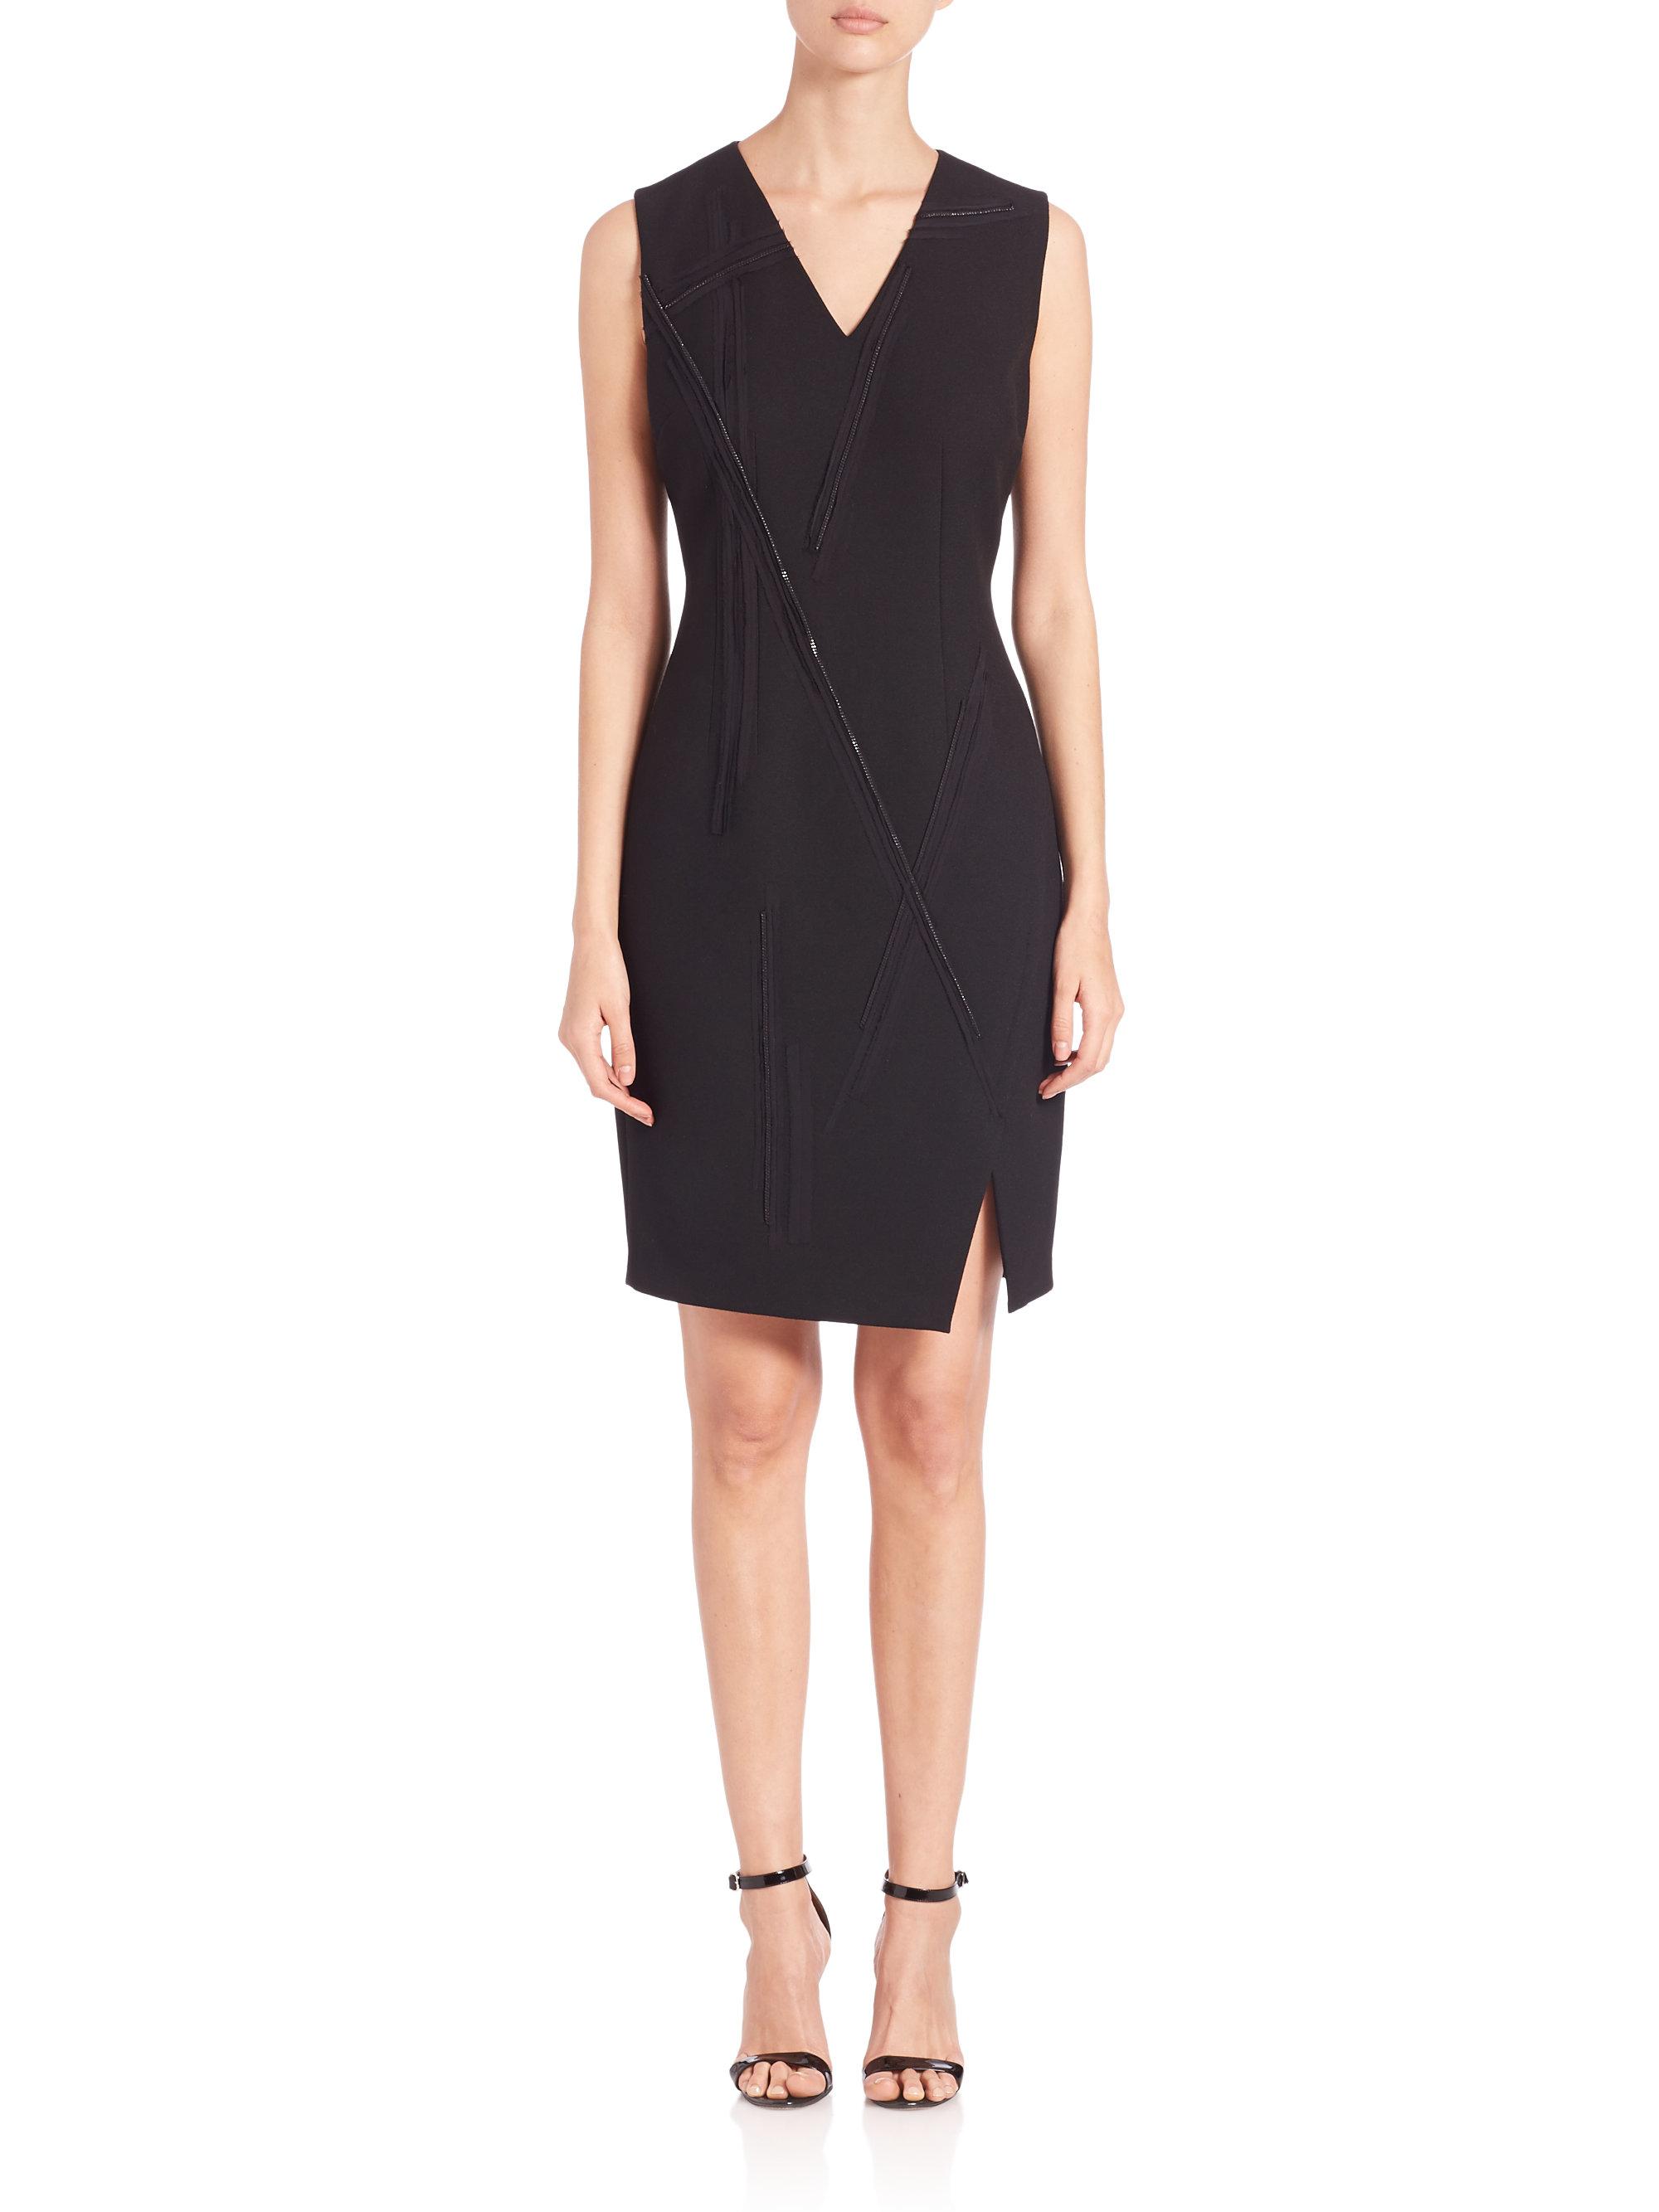 5fd042264caf Elie Tahari Gwenyth Dress in Black - Lyst